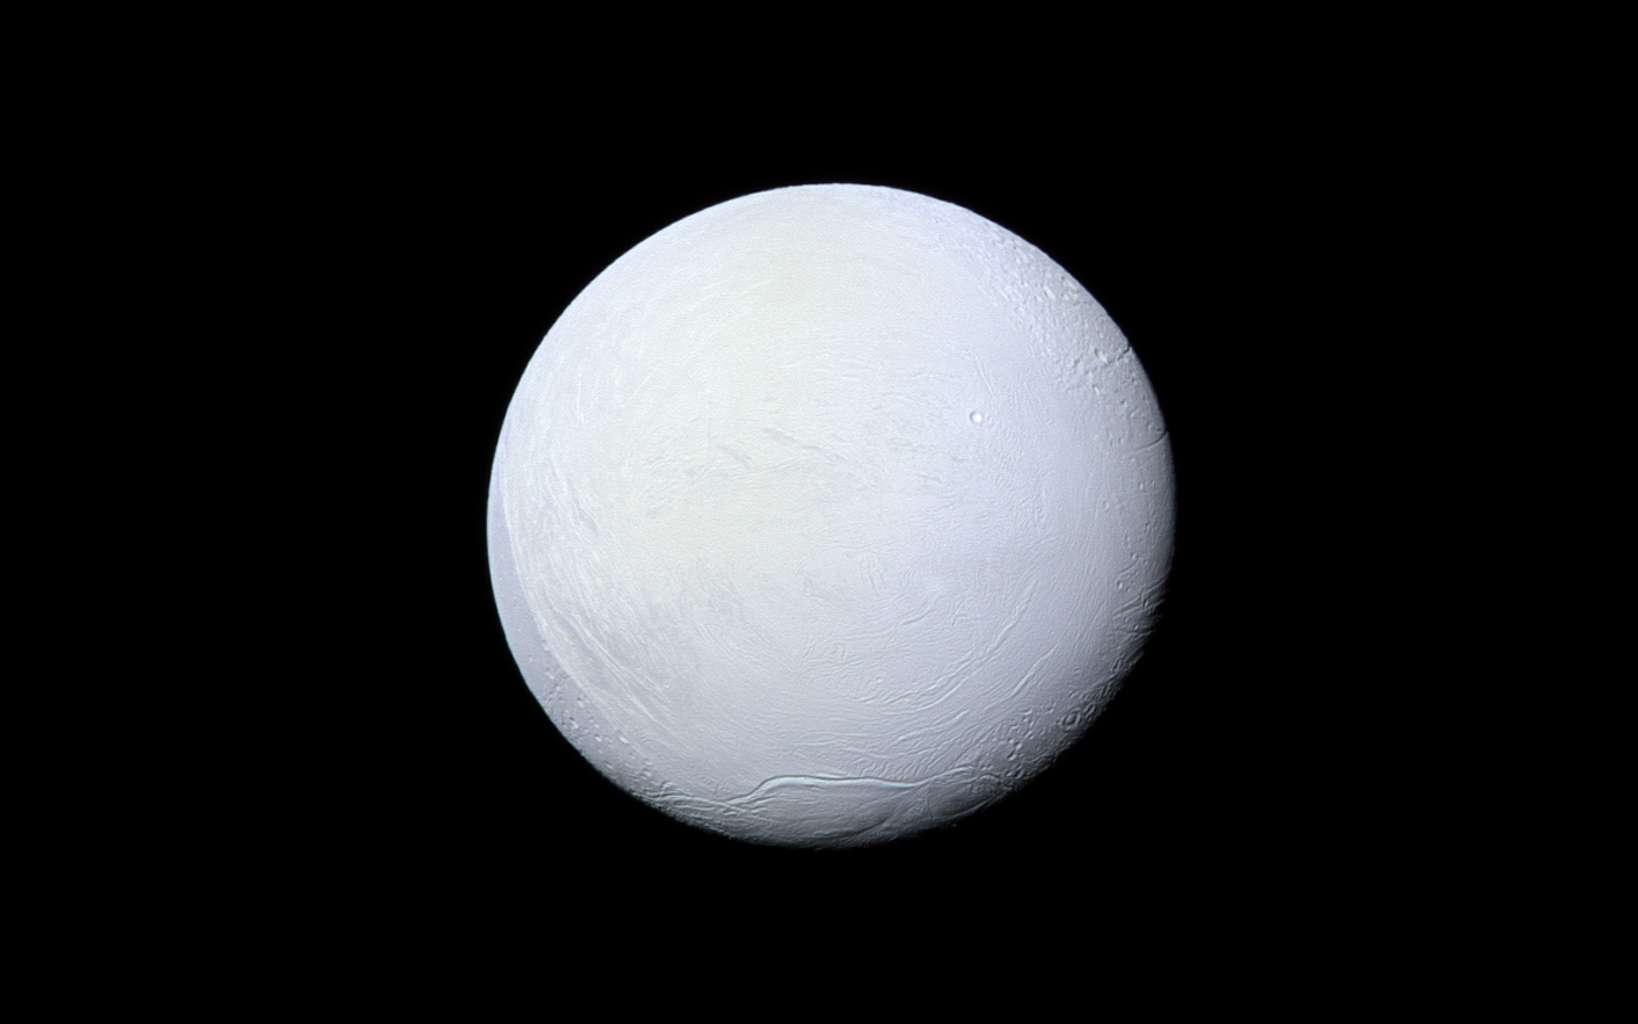 Une lune de Saturne, Encelade, est un petit monde glacé potentiellement habitable dans notre Système solaire. © Nasa, JPL